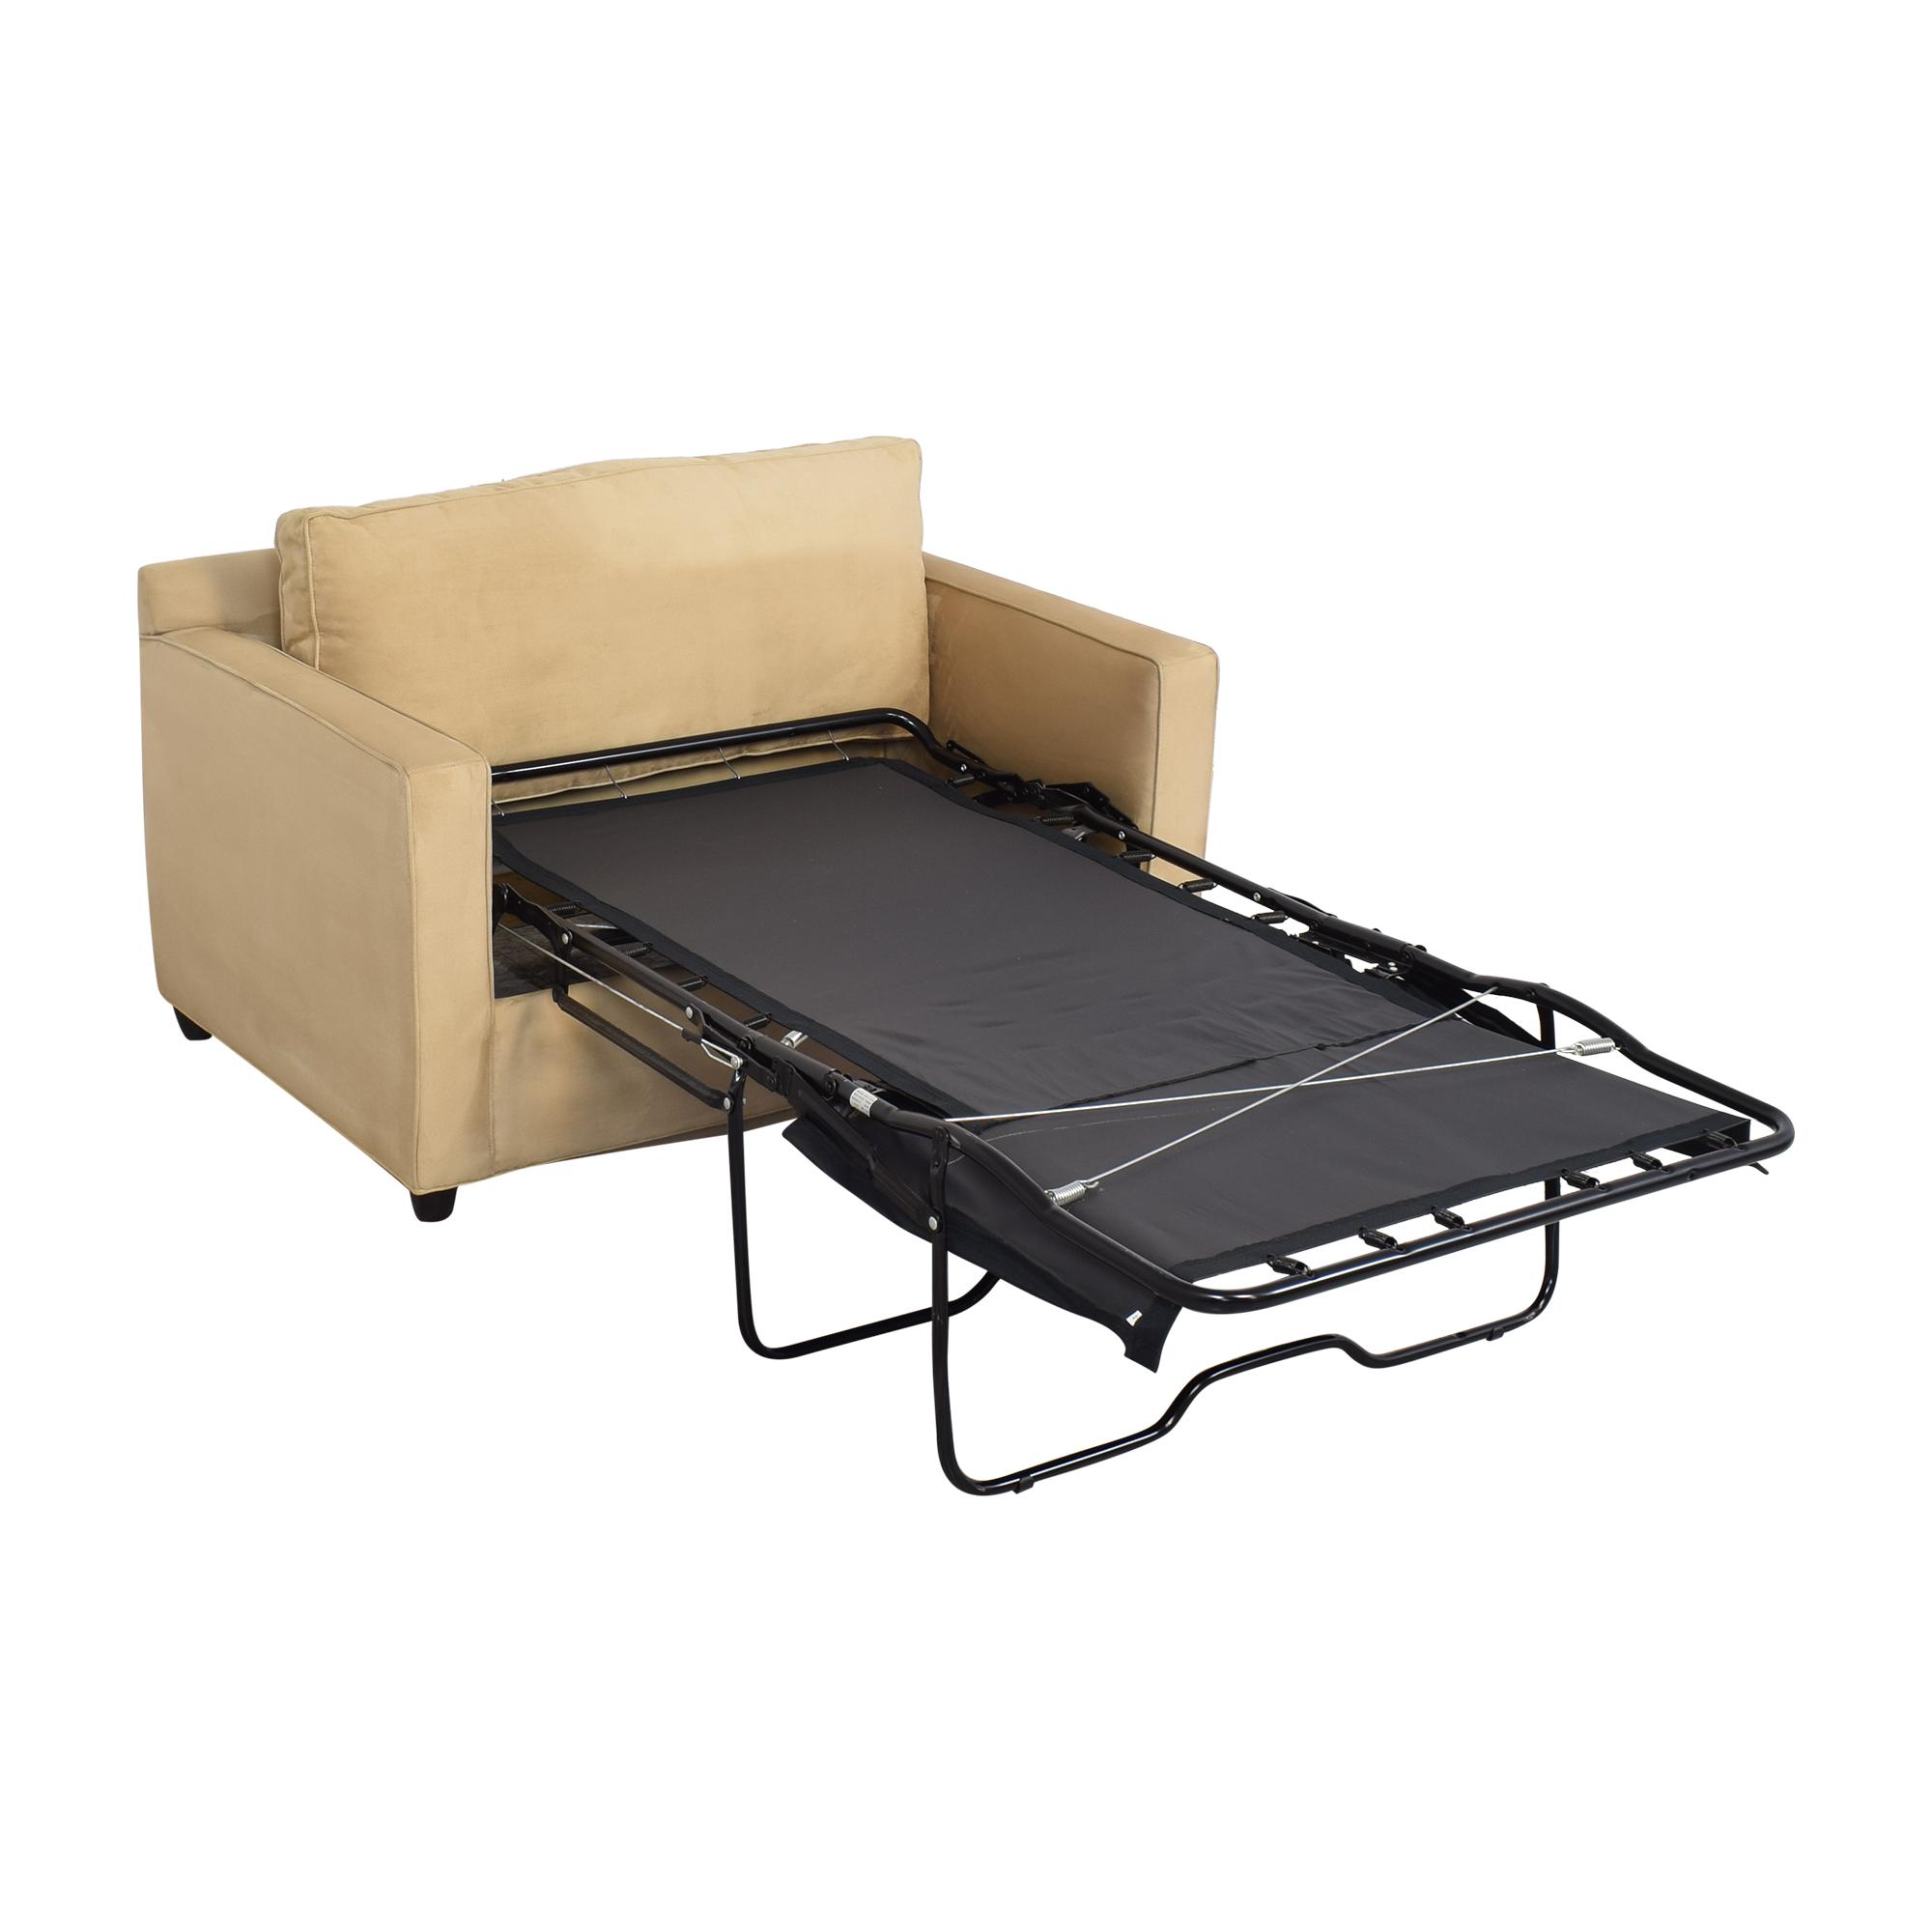 shop Crate & Barrel Barrett Twin Sleeper Crate & Barrel Accent Chairs